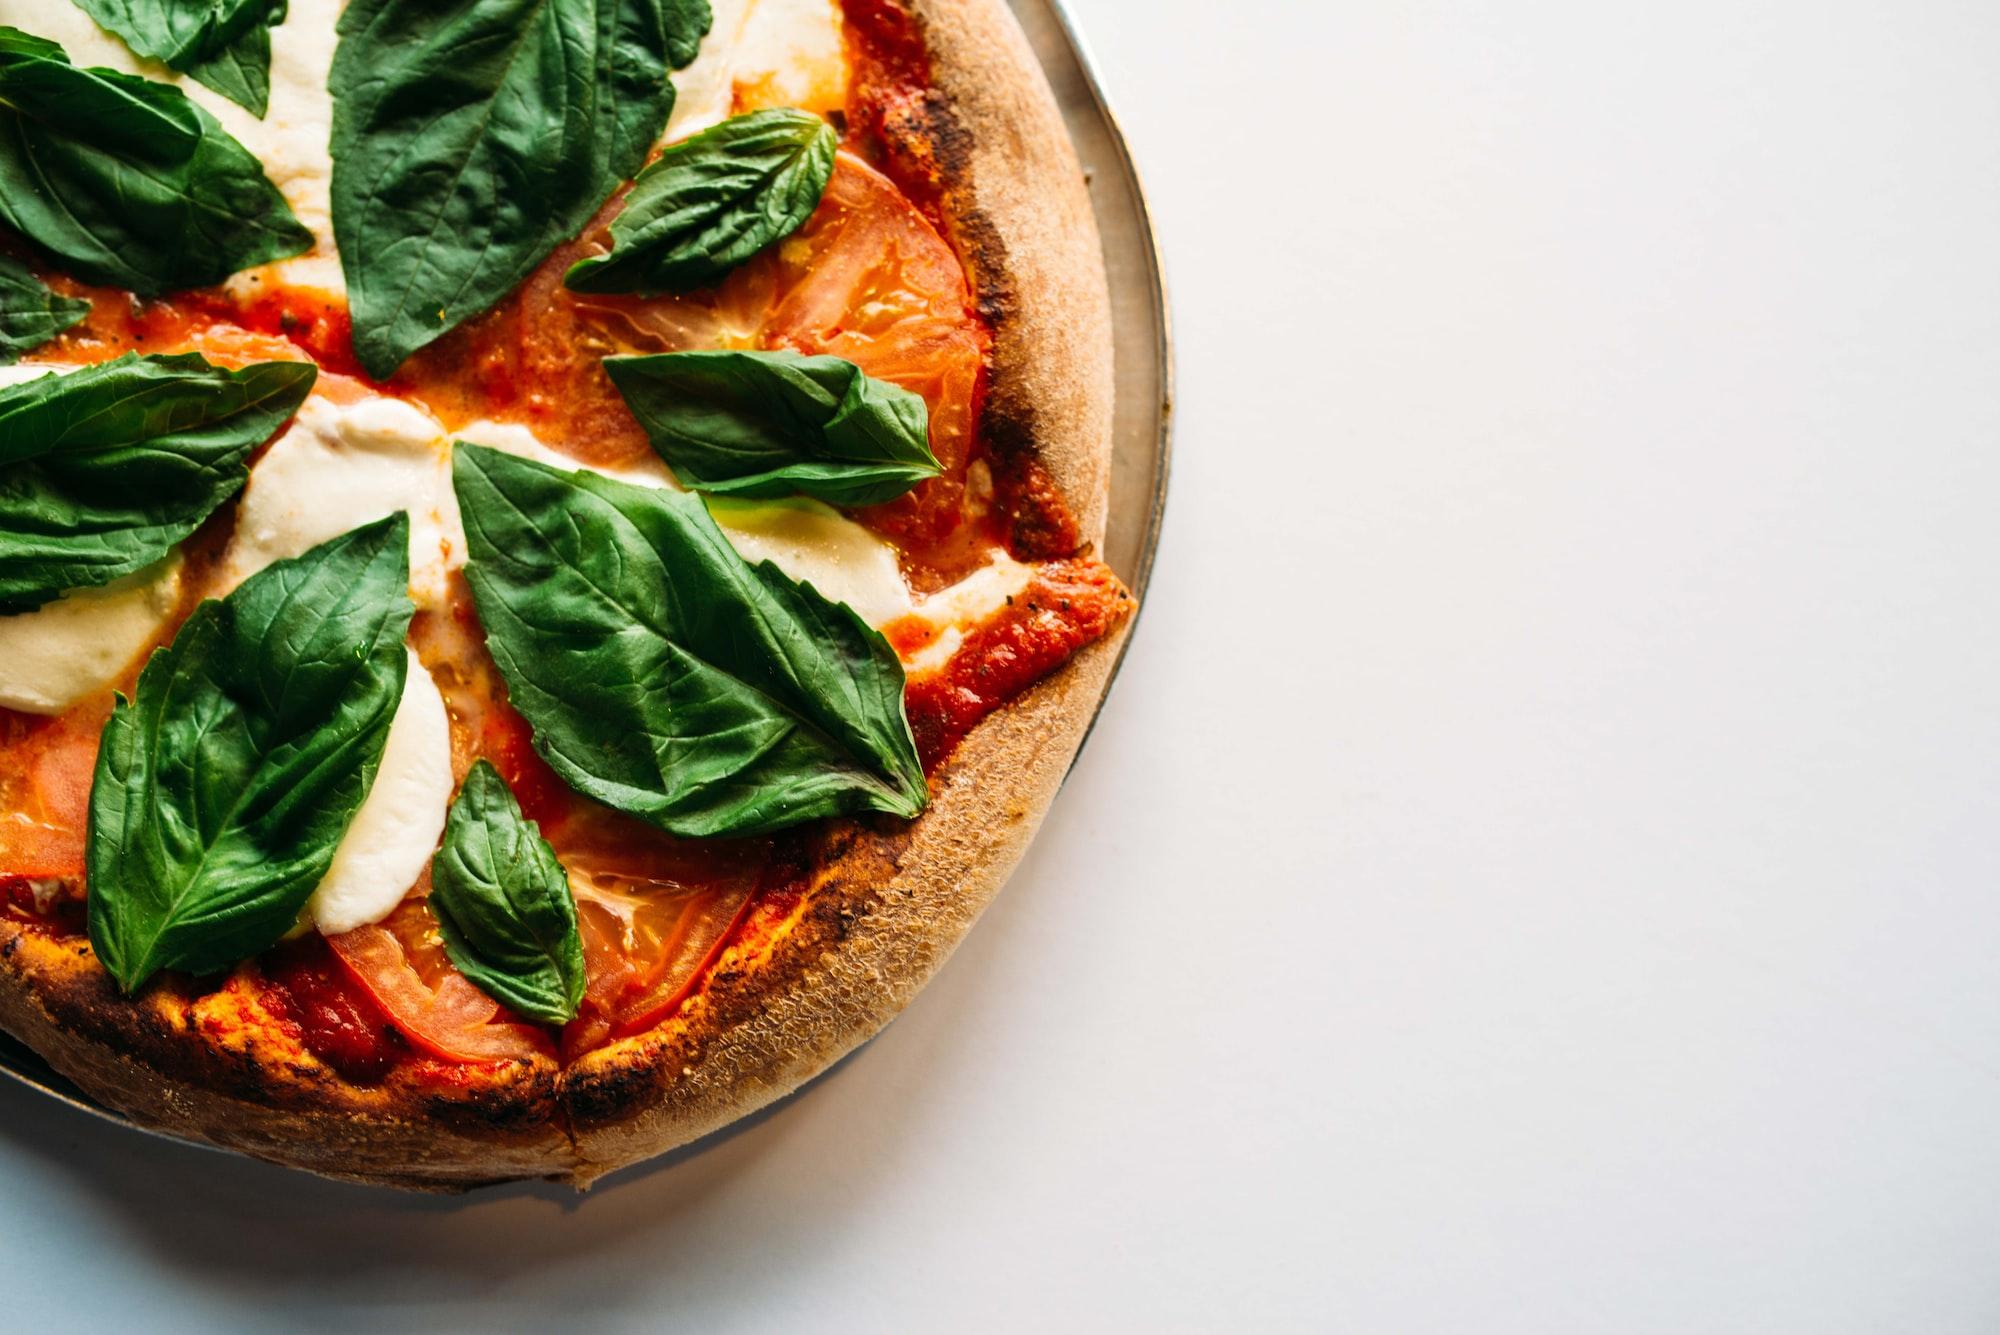 Historien om pizzan och hur den blev så poppis